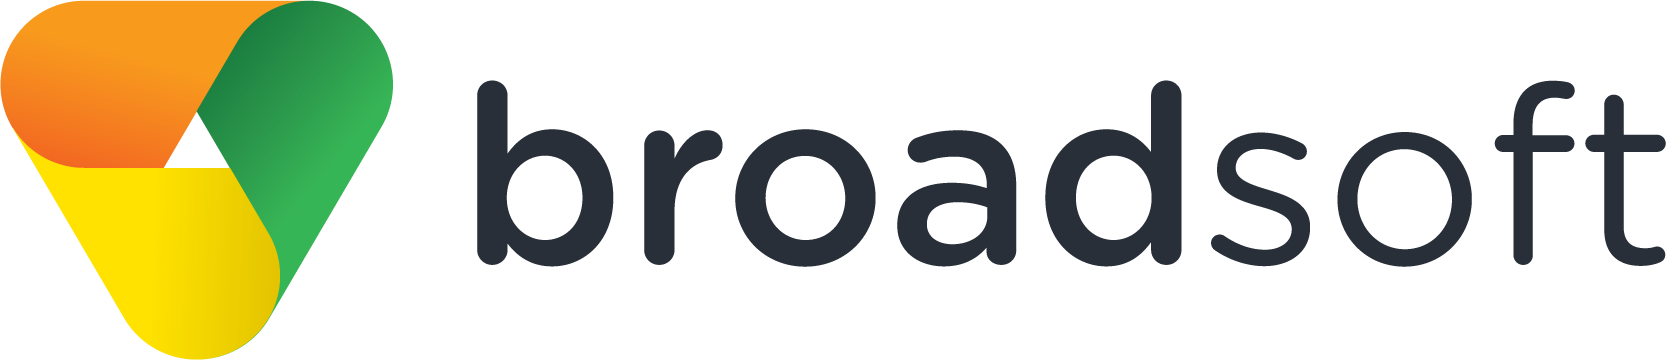 broadsoft-logo.png